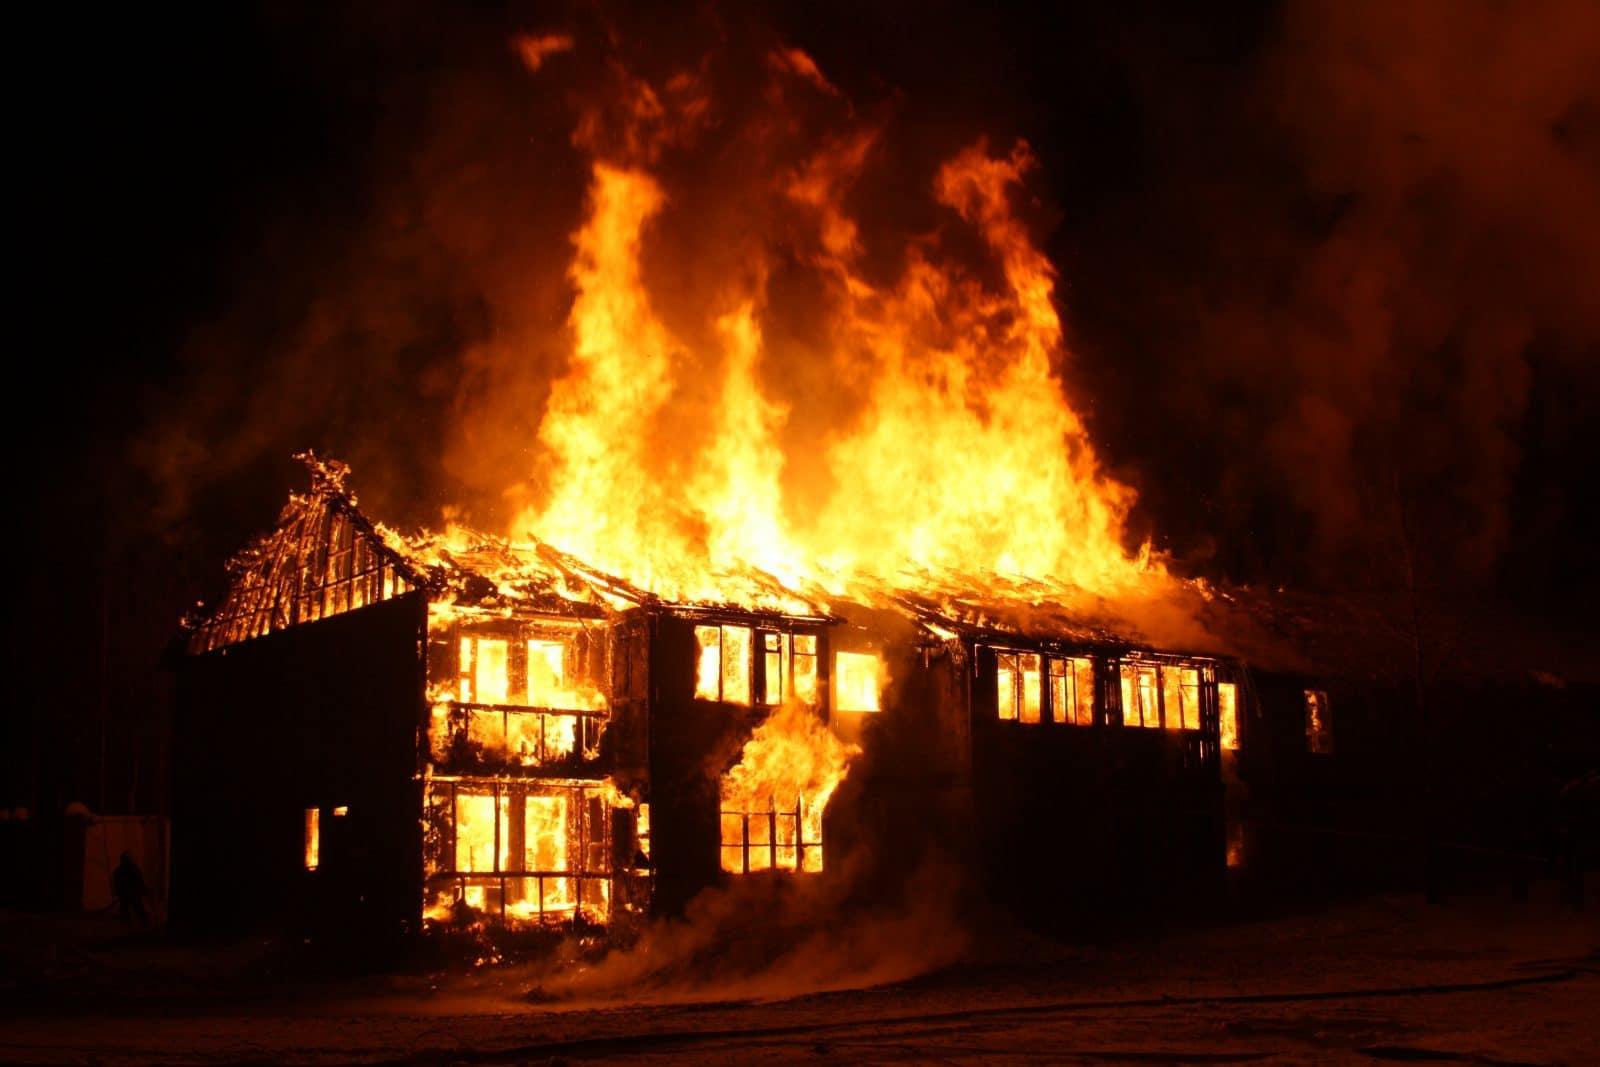 103 yder Brandteknisk rådgivning - så det ikke ender med det på billedet viste brændende hus.